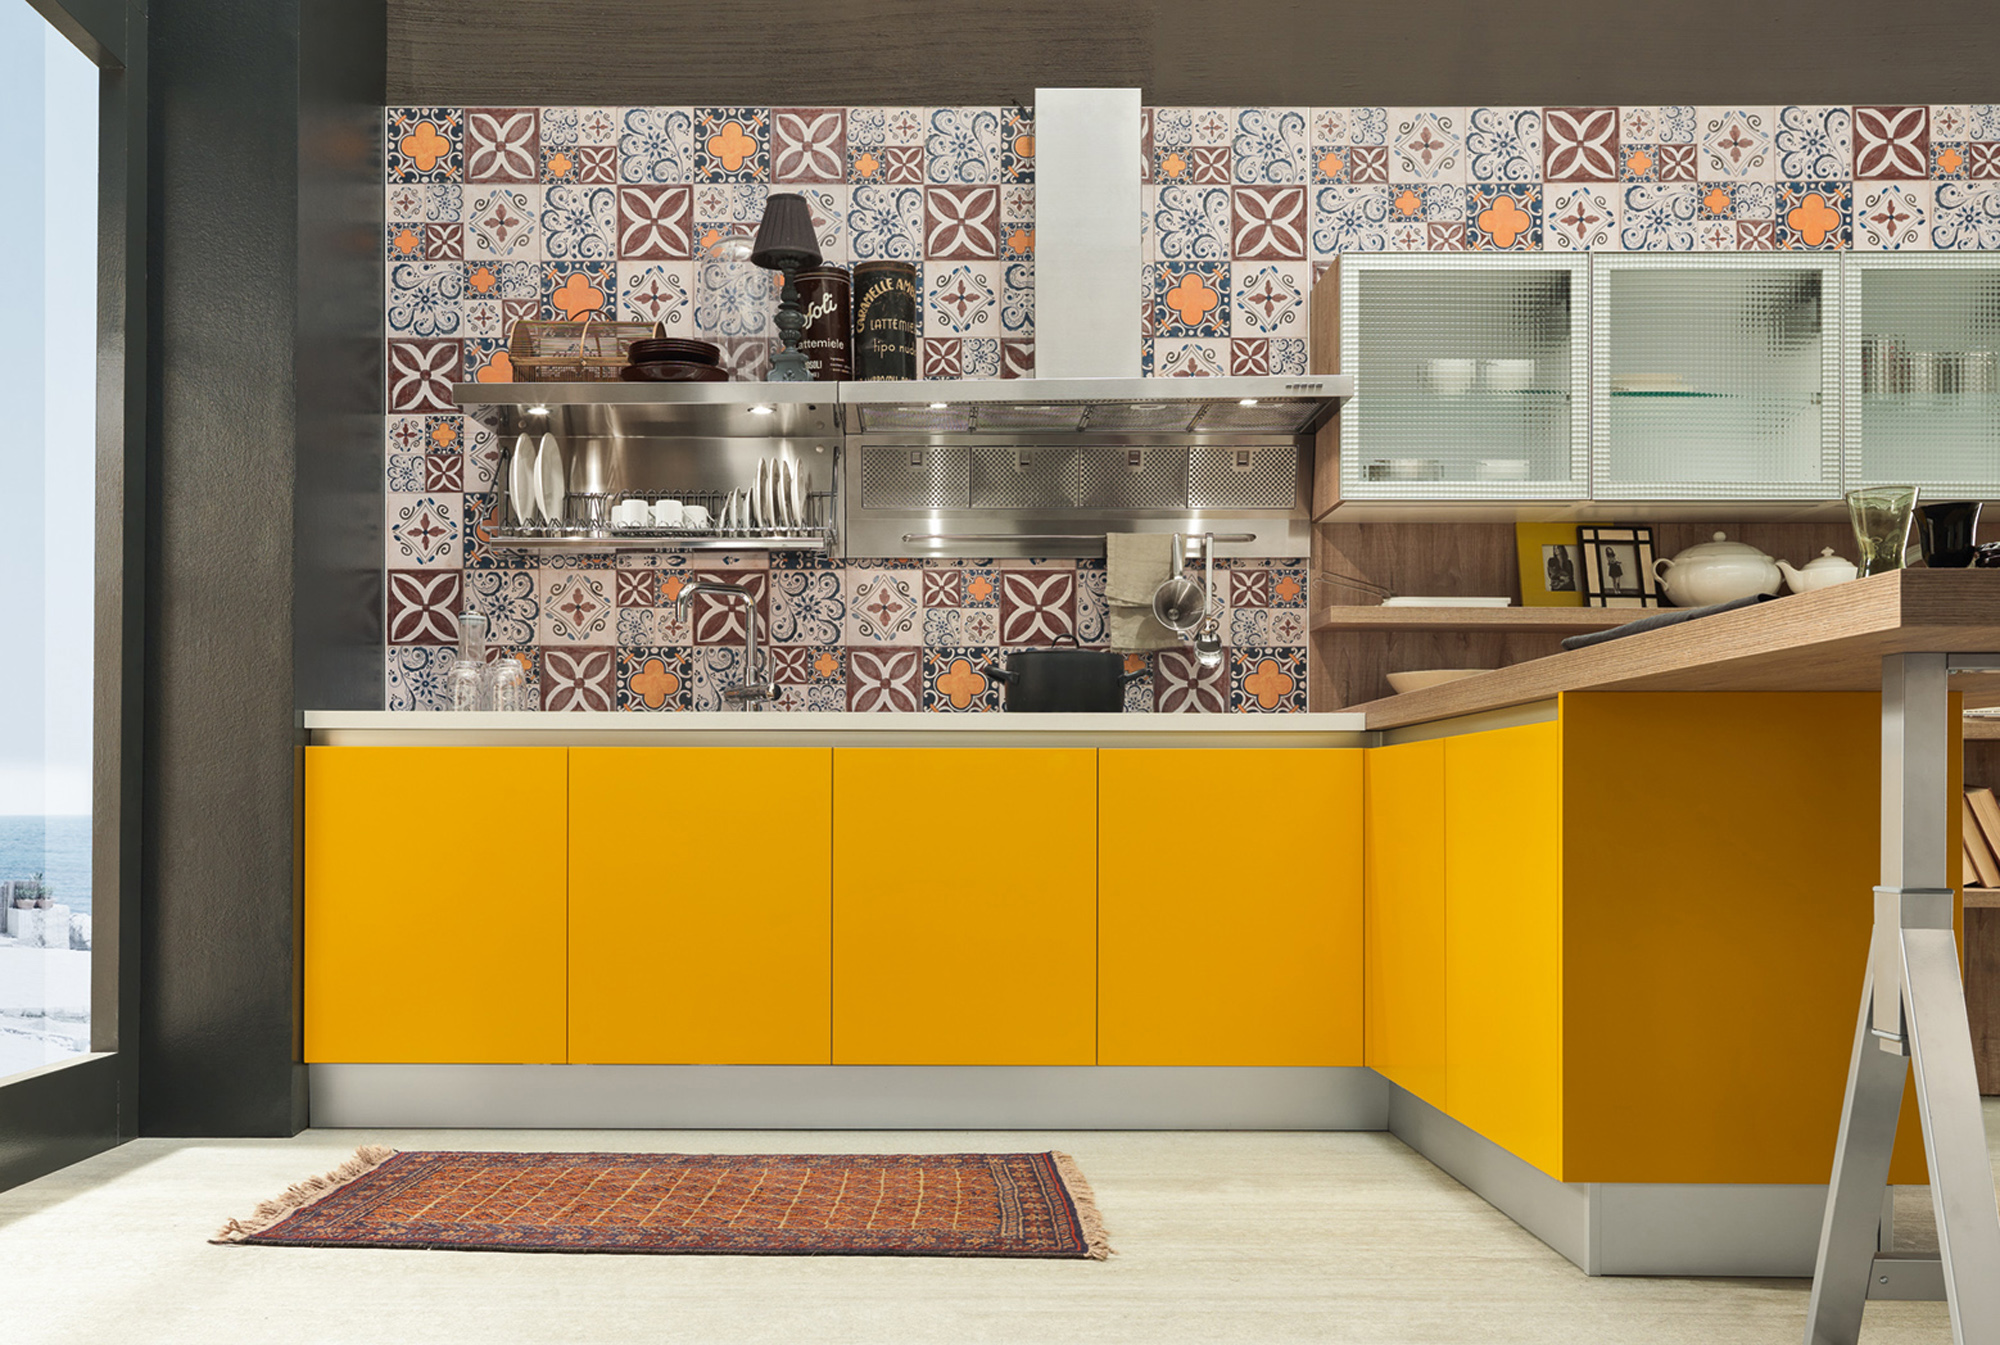 Le cucine in stile provenzale e industrial chic febal 2015 - Cucine shabby chic prezzi ...